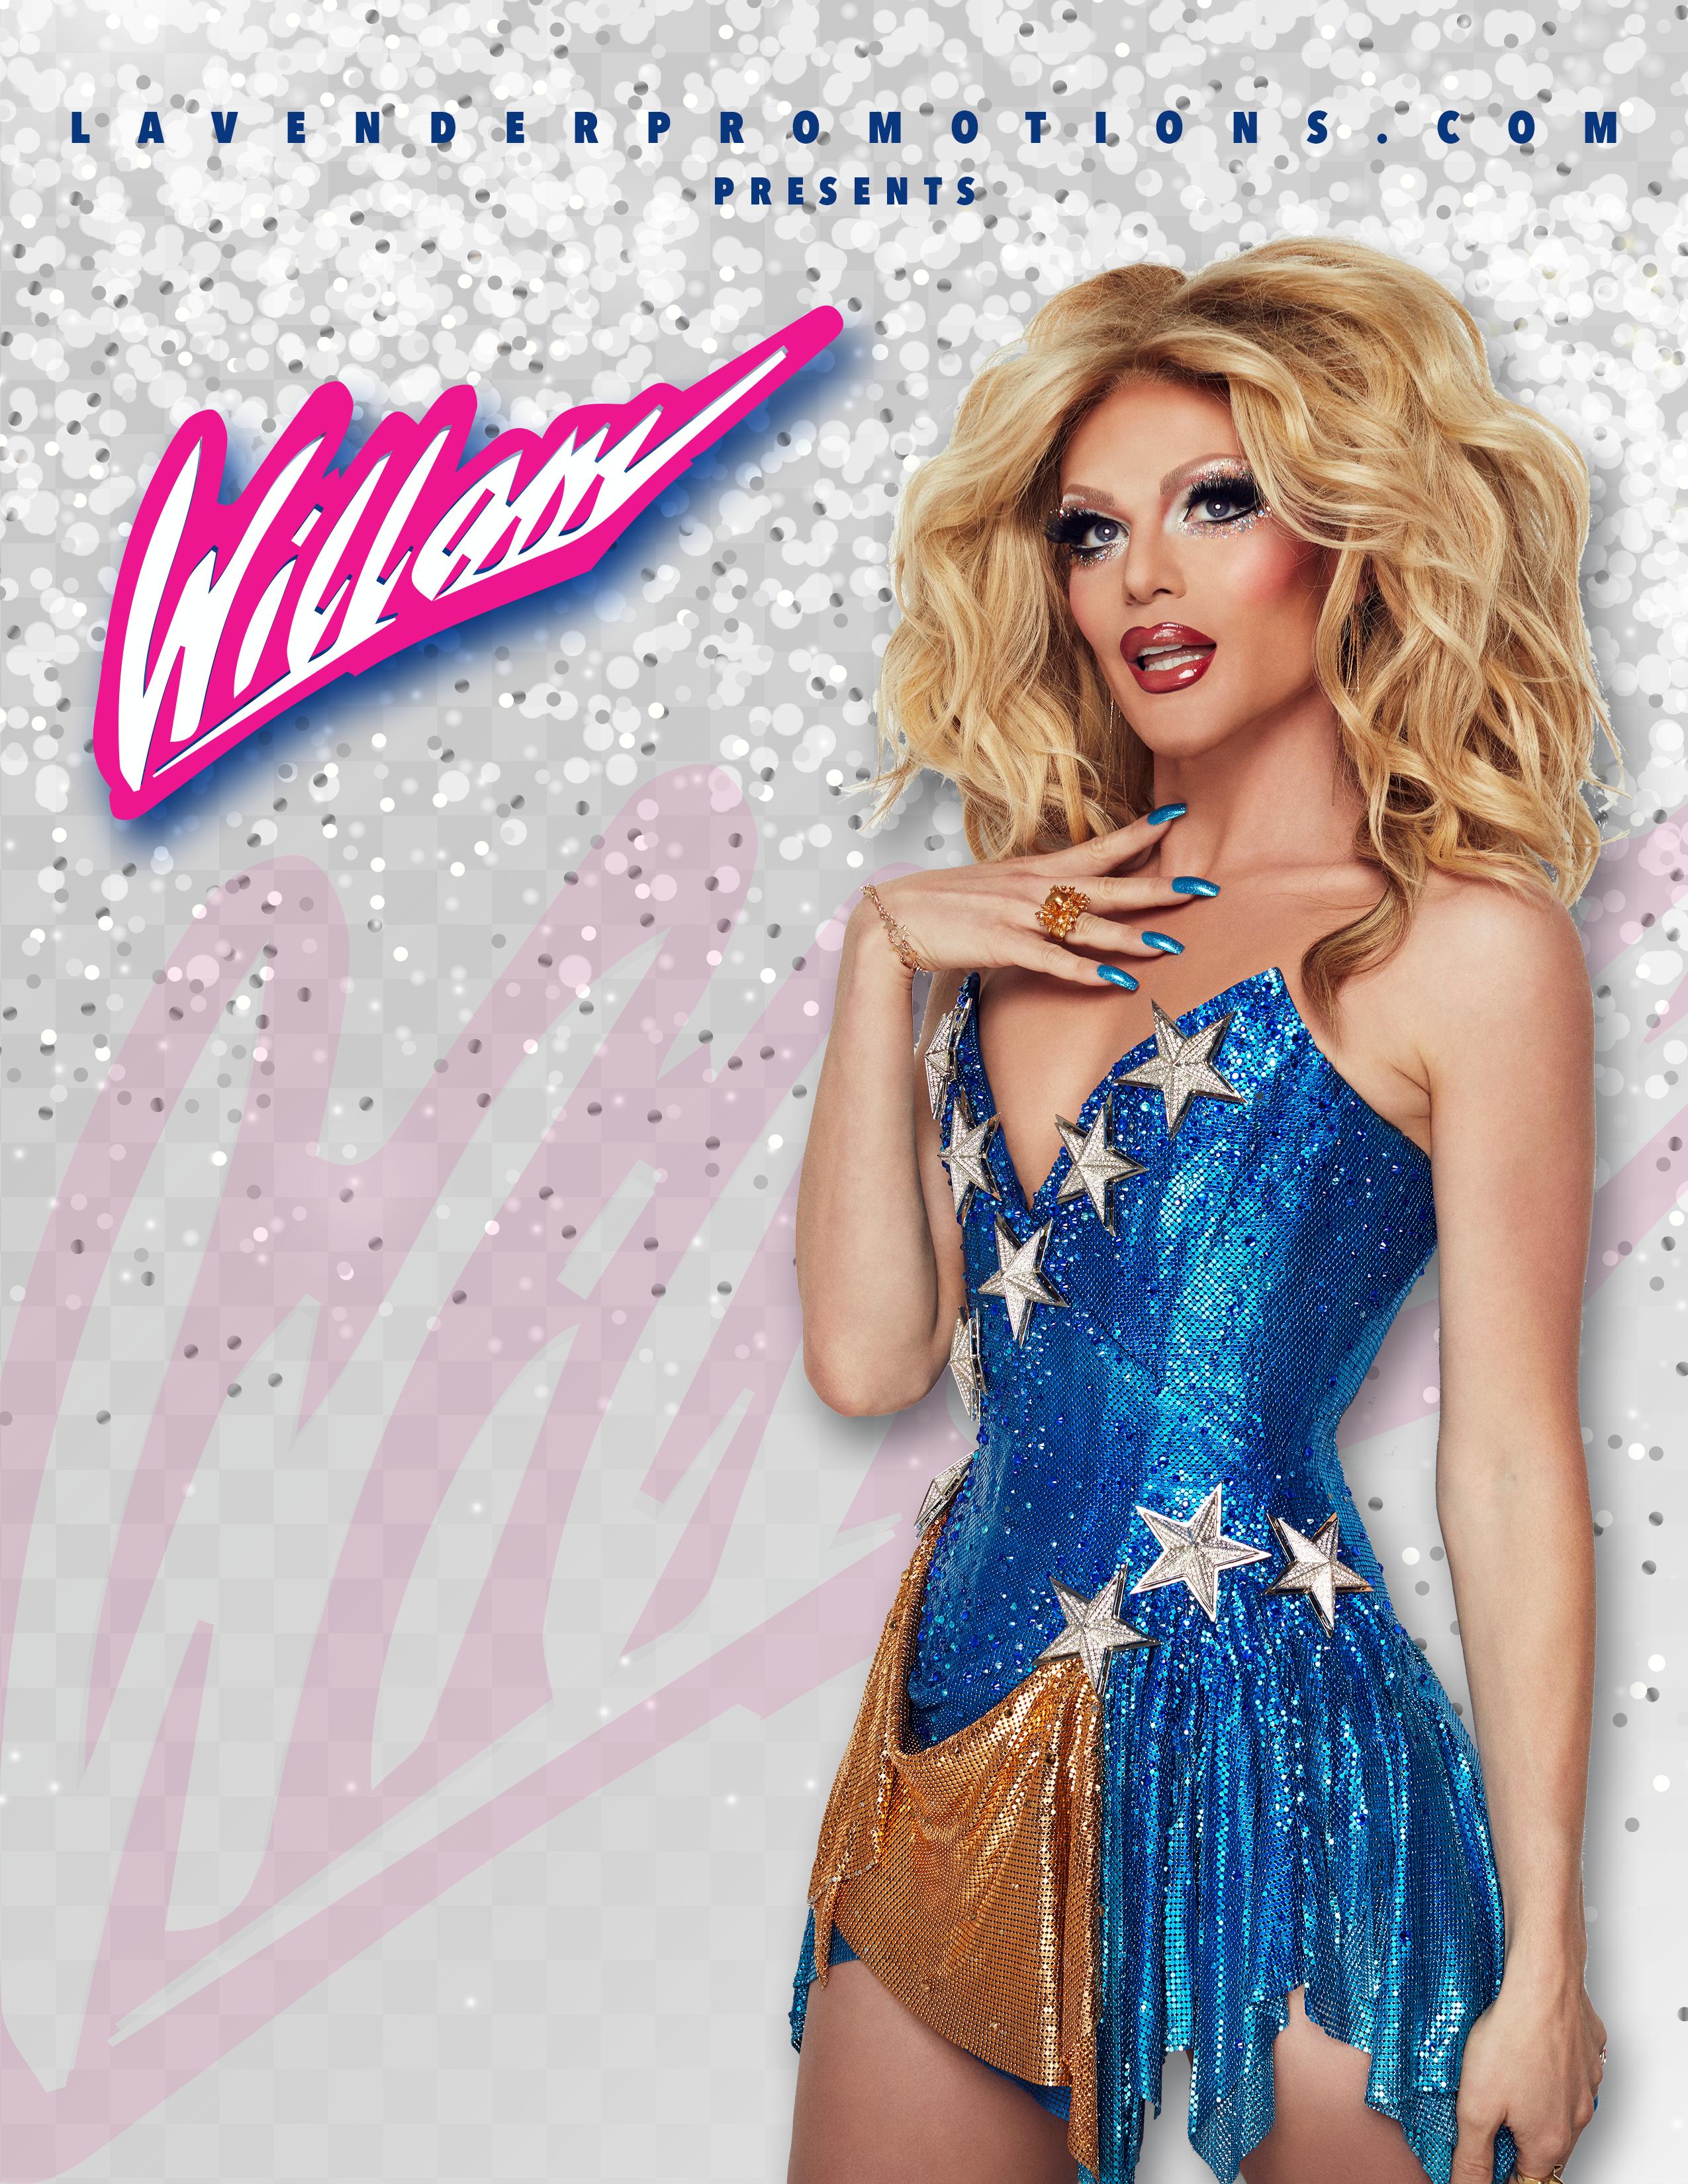 Willam VIP Poster